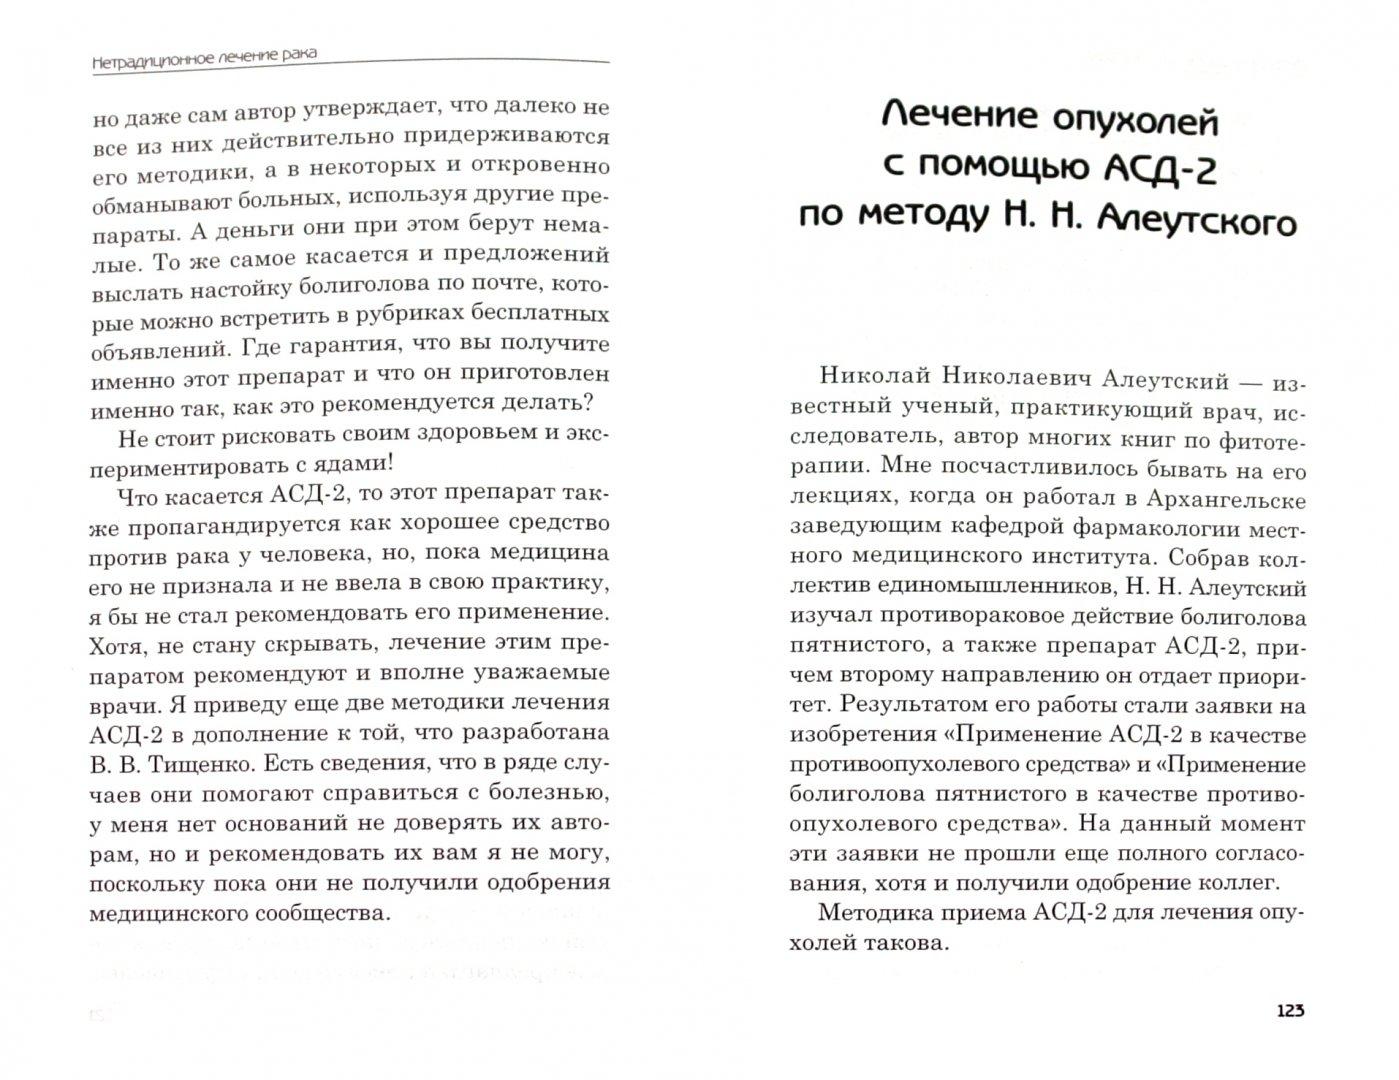 Лечение болиголовом, царская методика Тищенко